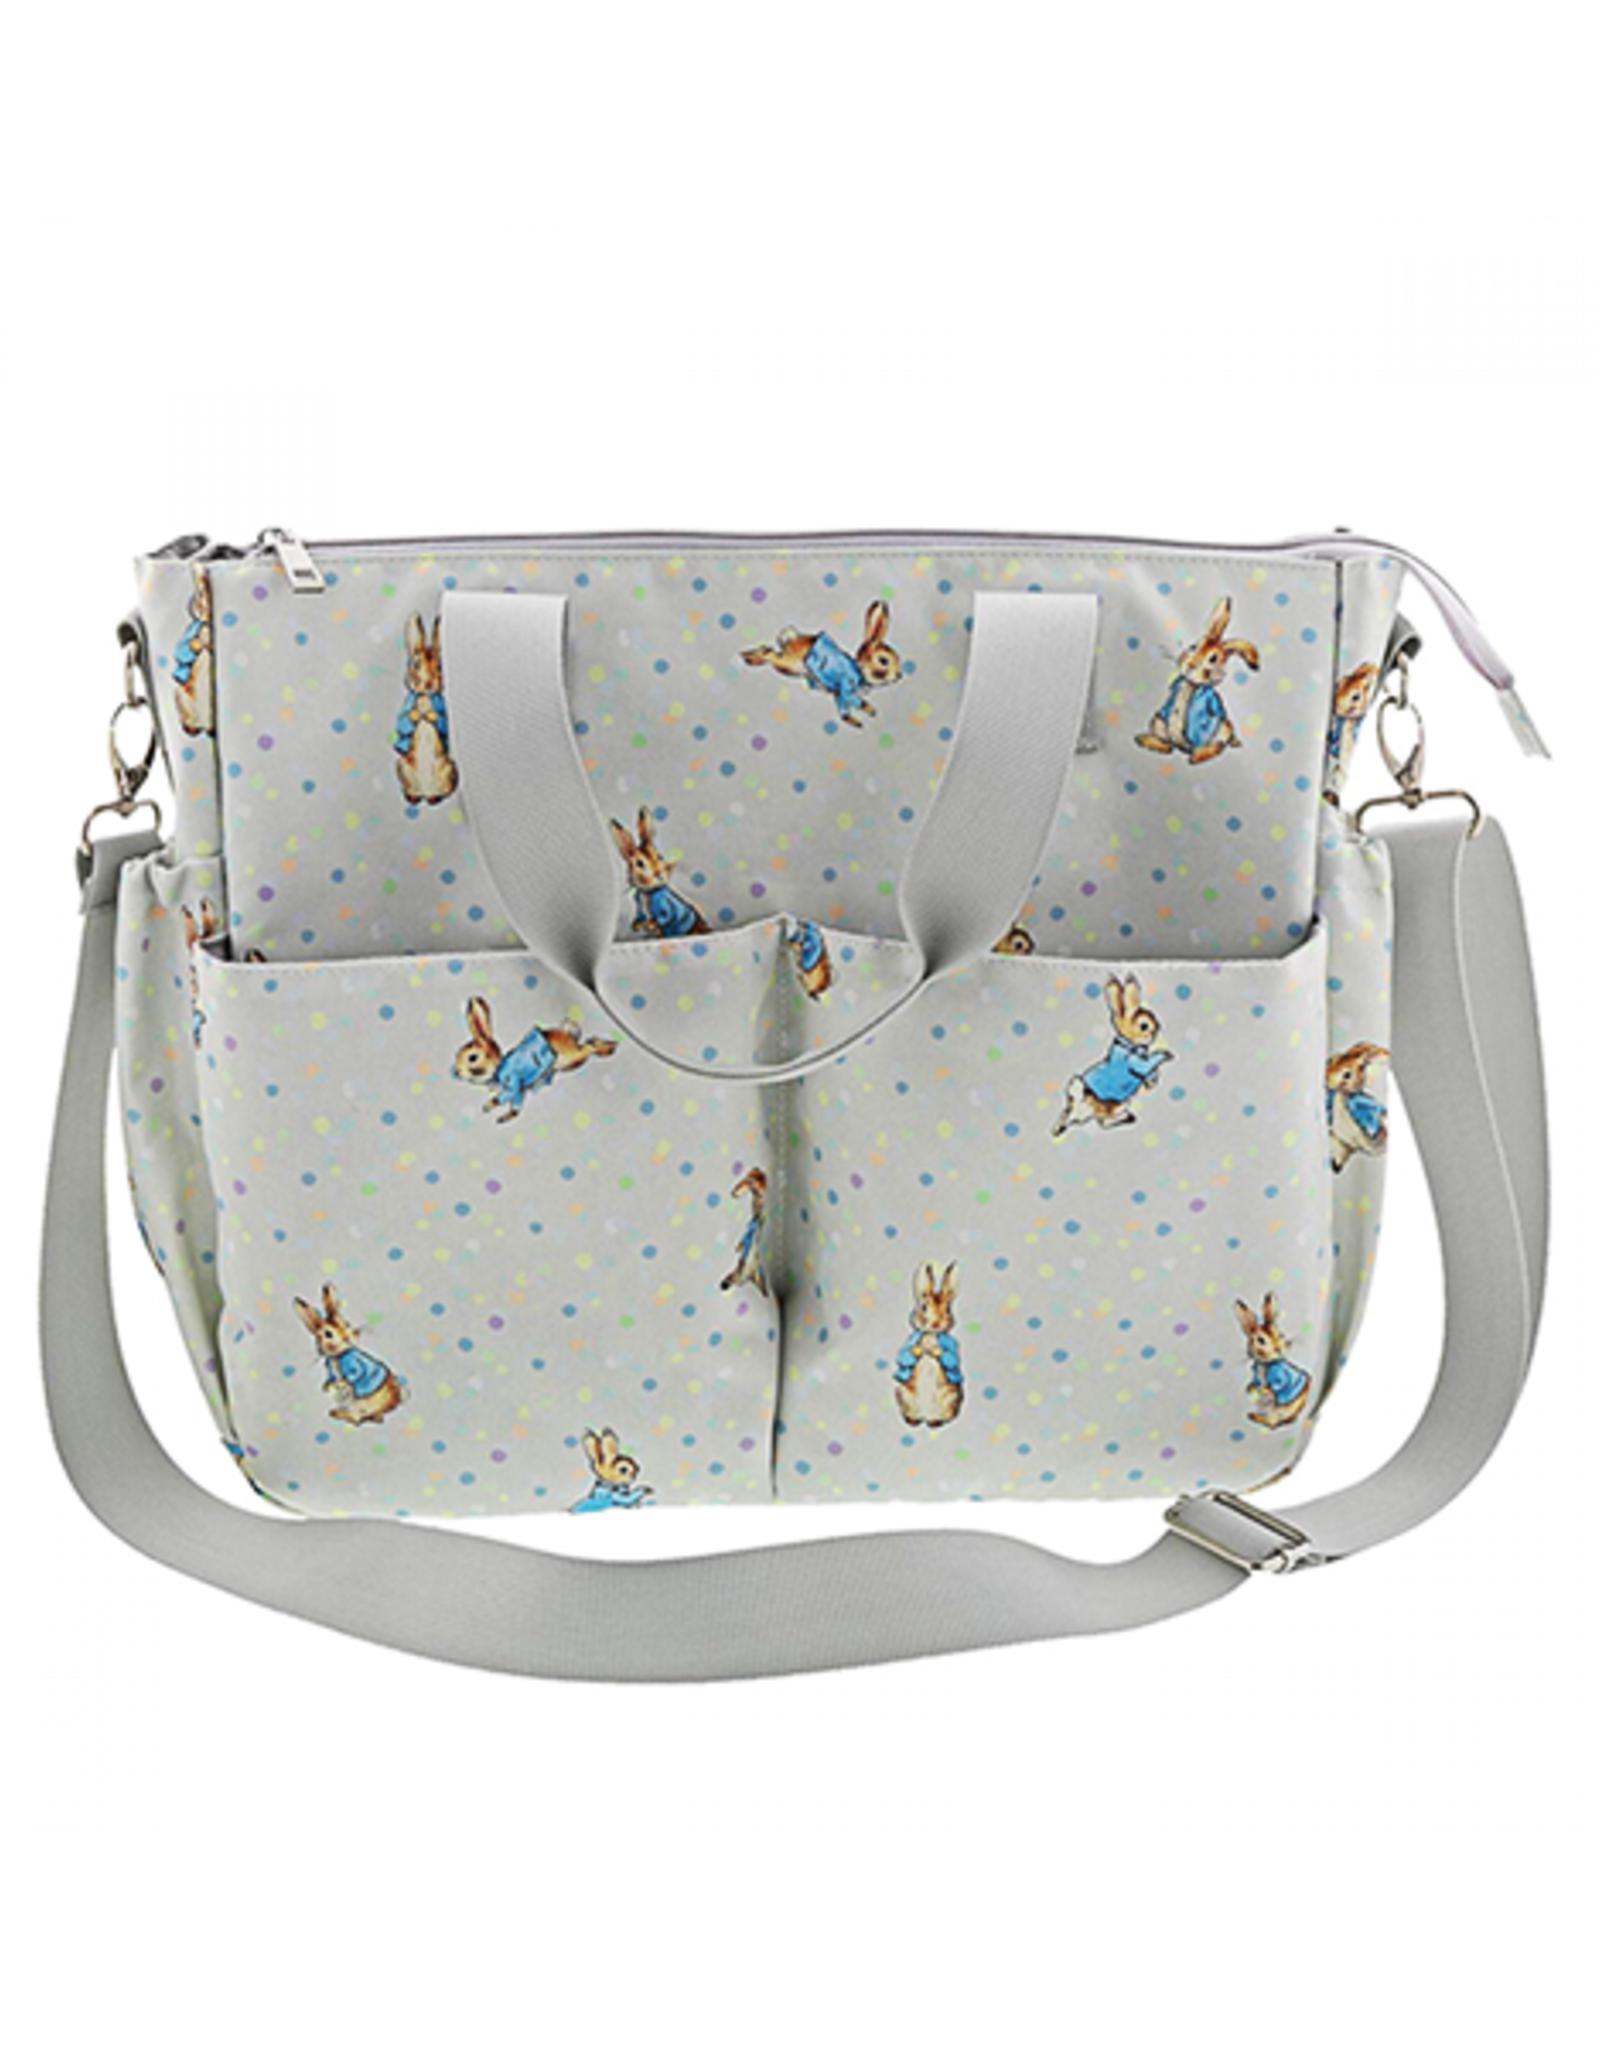 Beatrix Potter Peter Rabbit Nappy Bag